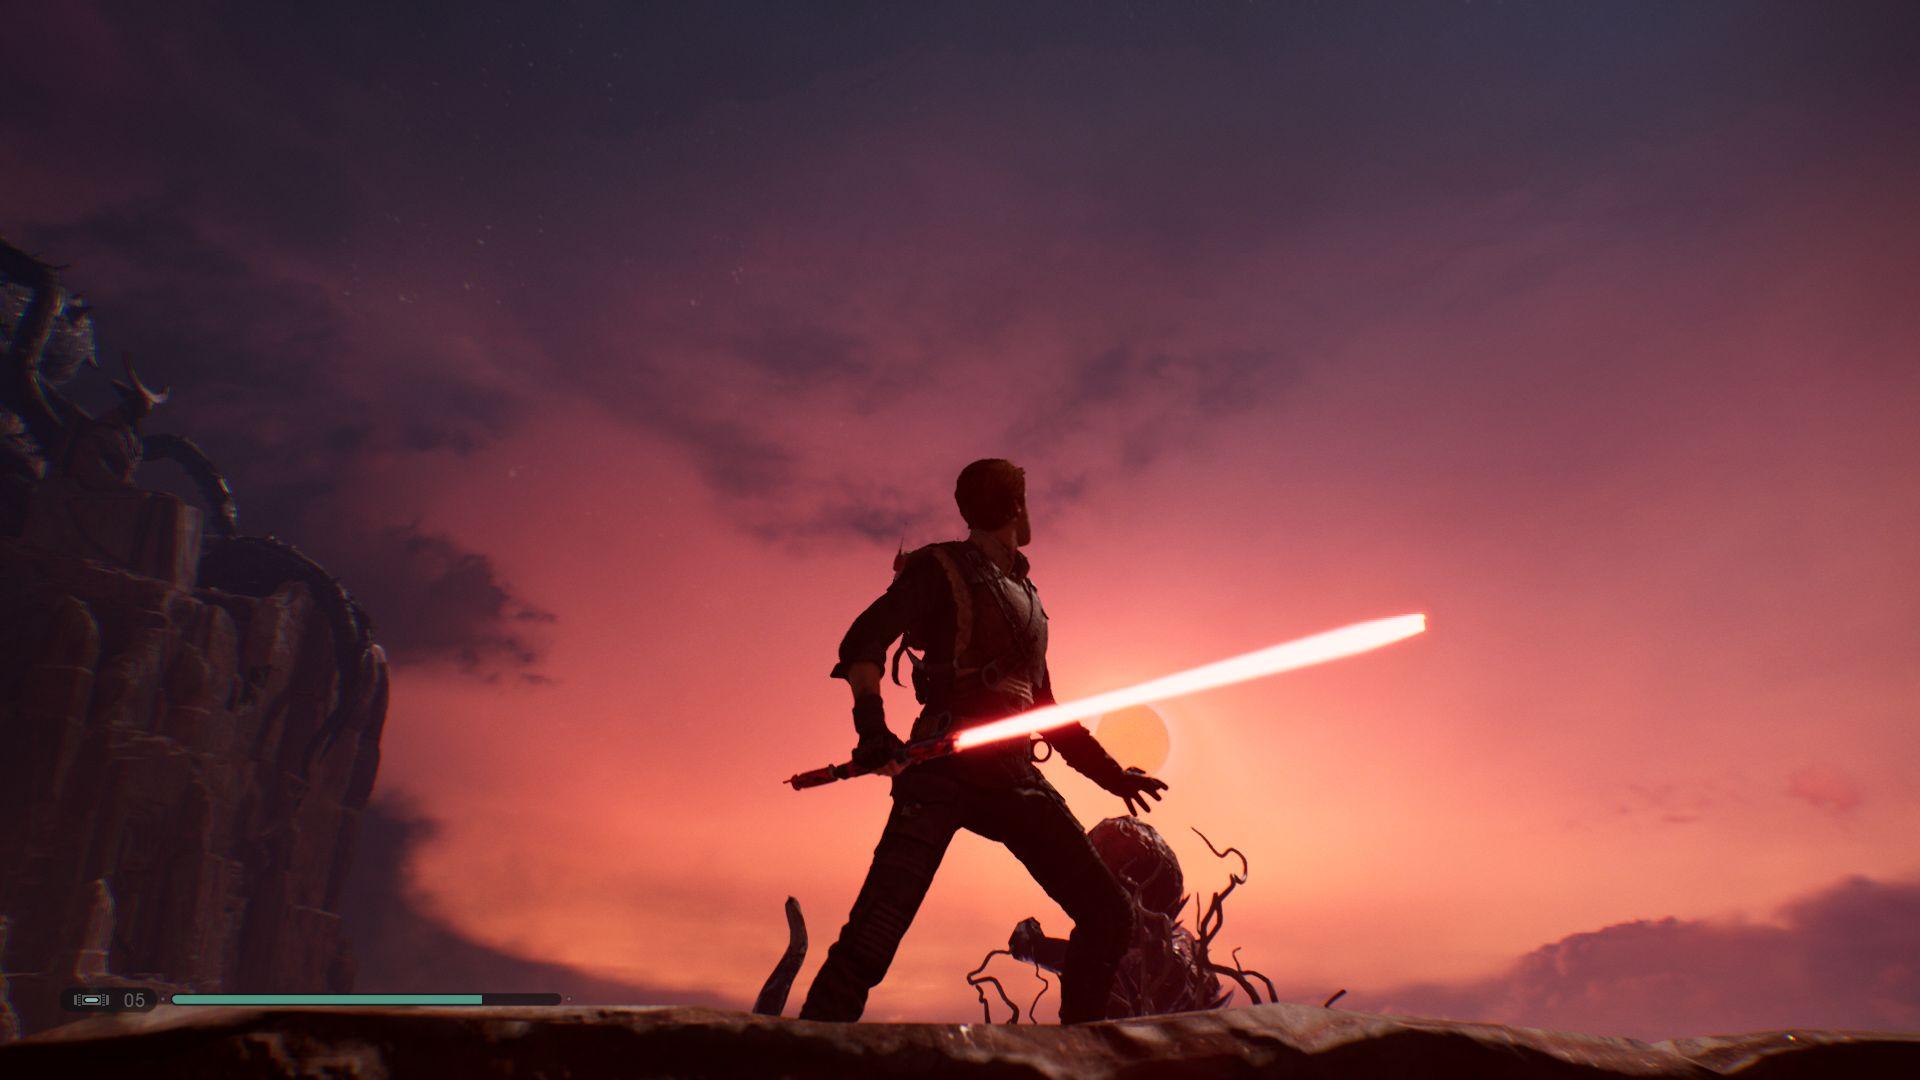 00087.Jpg - Star Wars Jedi: Fallen Order